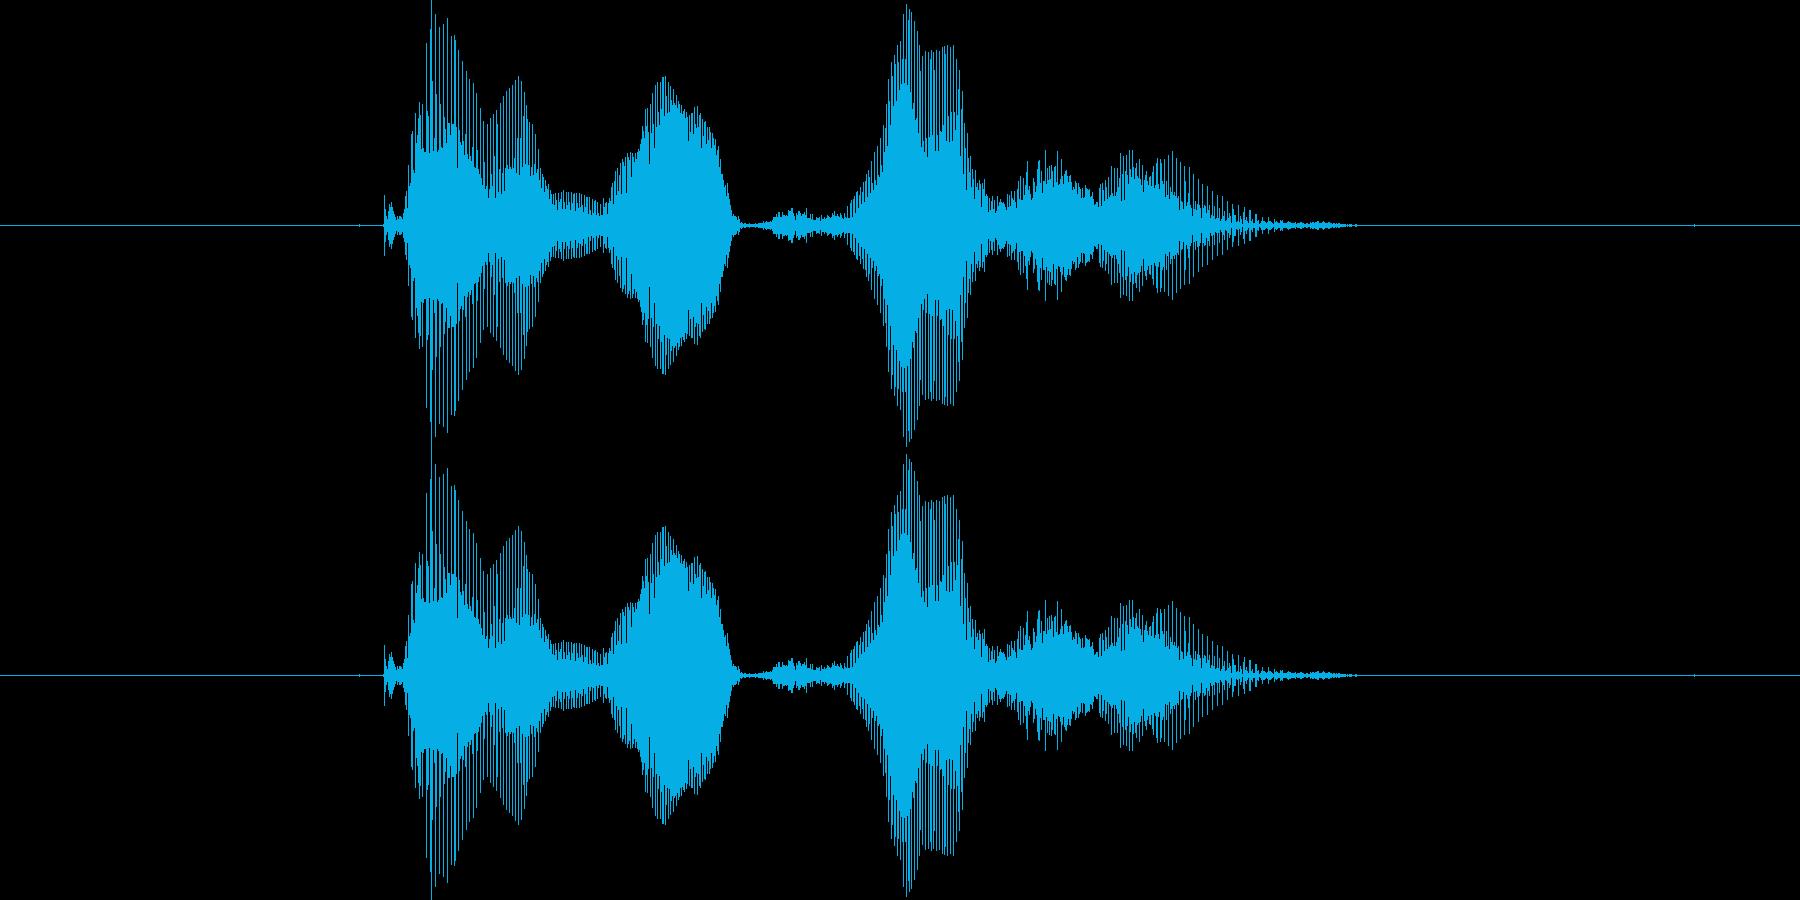 【システム】congratulationの再生済みの波形